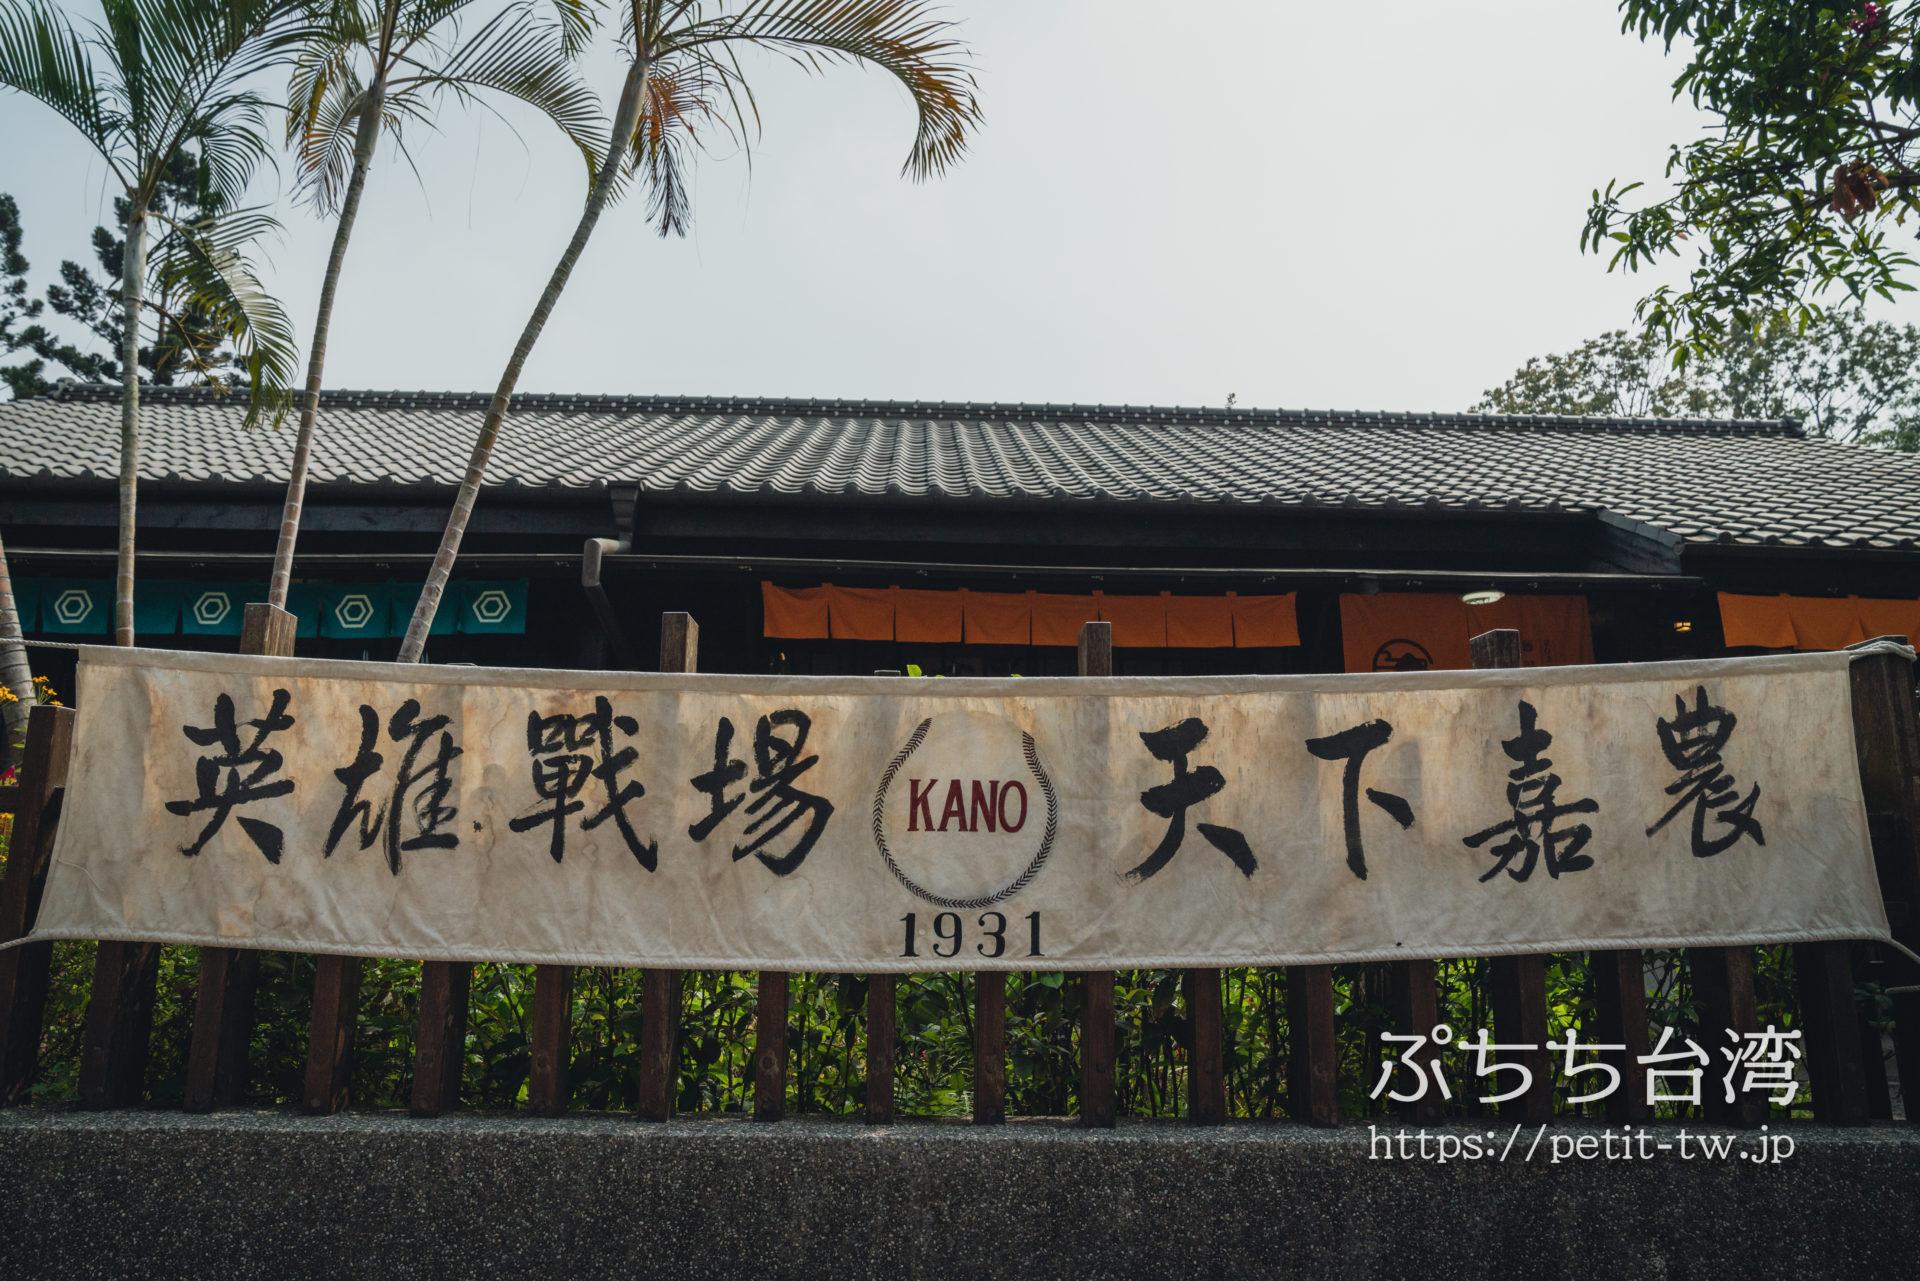 天下のKANO 嘉義農林ゆかりの地を巡る